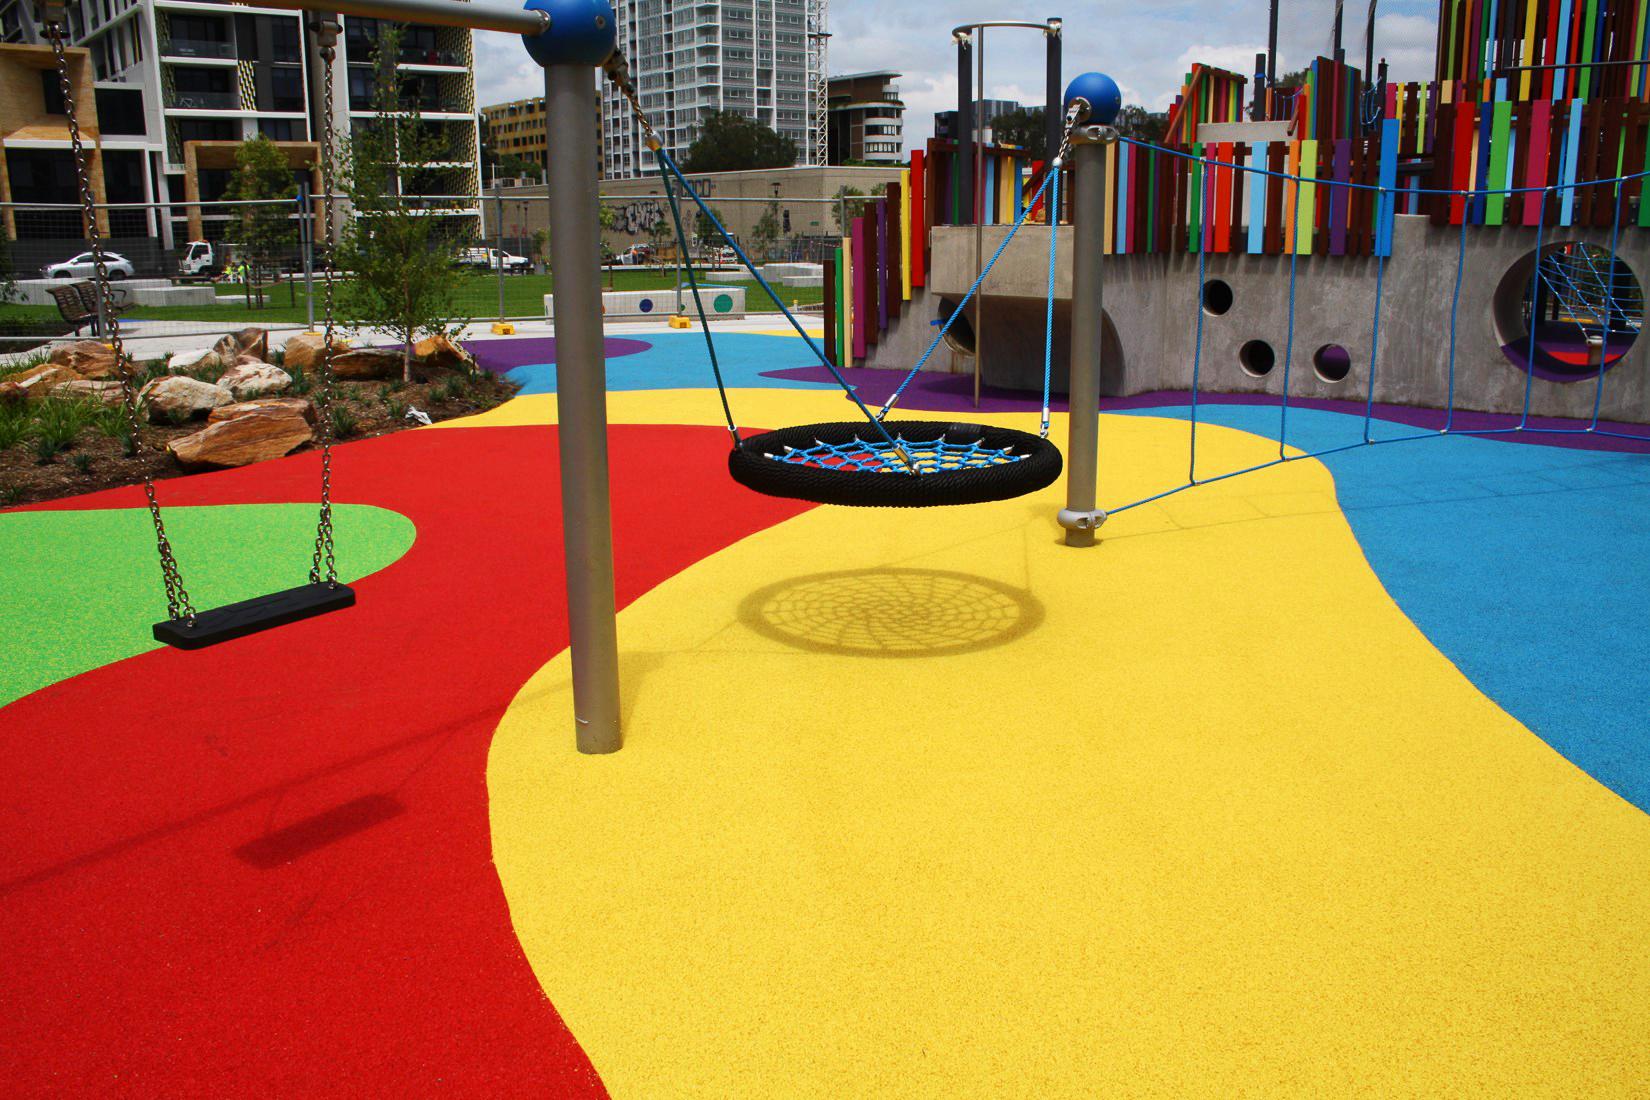 Резиновое покрытие для детских площадок: особенности моделей из крошки в рулонах, прорезиненных матов и бесшовного настила